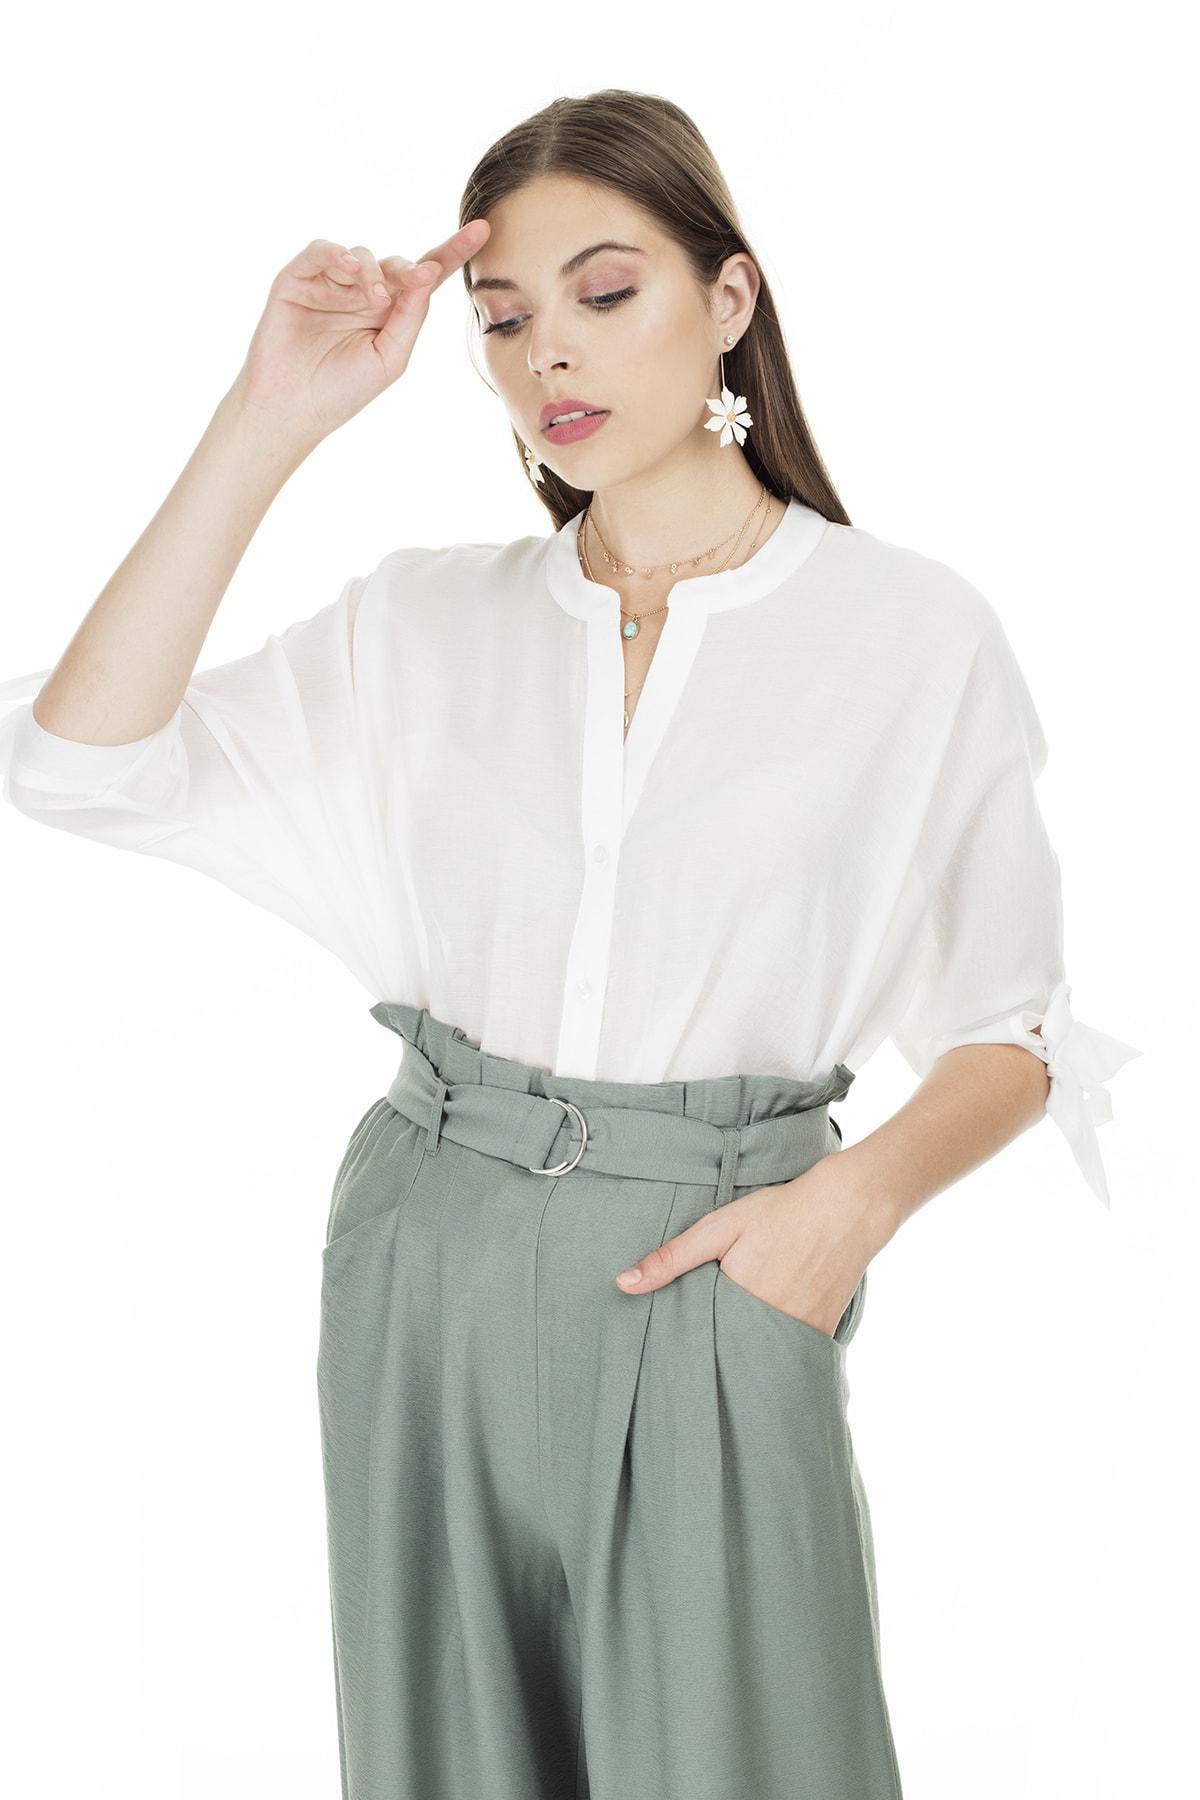 Ayhan Beyaz V Yaka Bağlama Detaylı Bluz Kadın Bluz 04681399